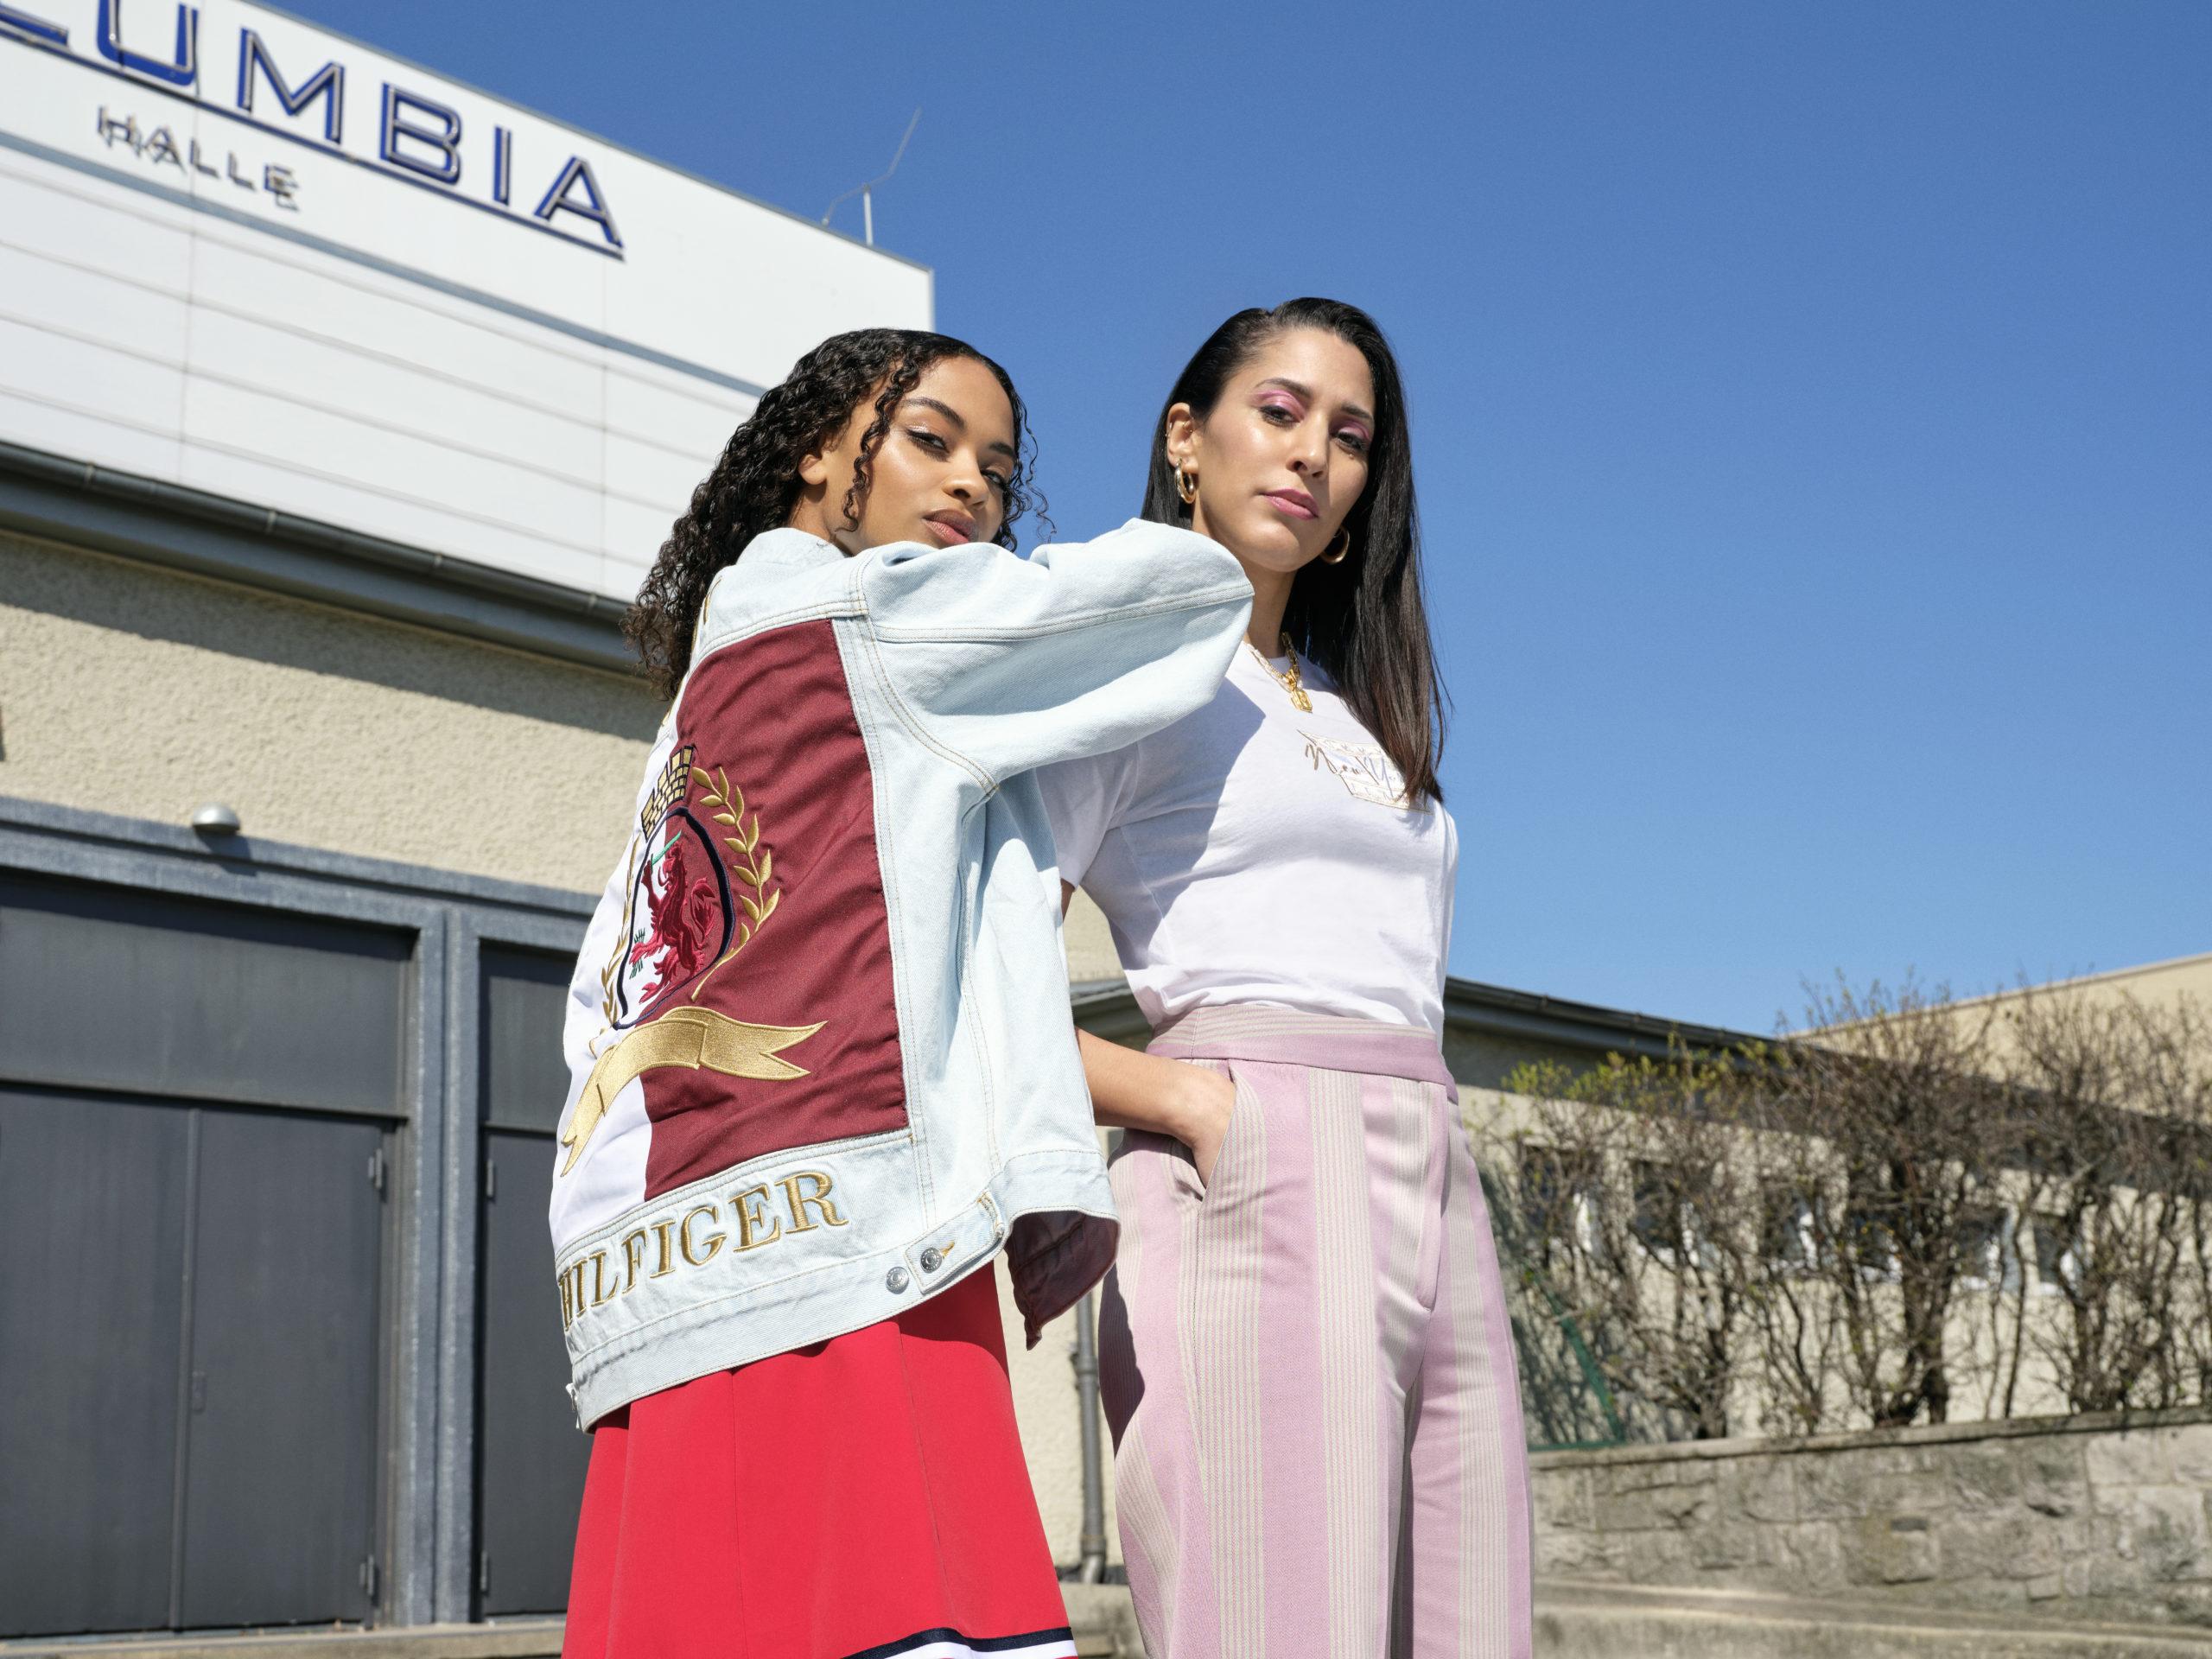 Stil Ende Juni eröffnet ein neuer Tommy-Hilfiger-Store am Kudamm; Die neue Kollektion wird mit einer smarten Social-Media-Kampagne beworben.